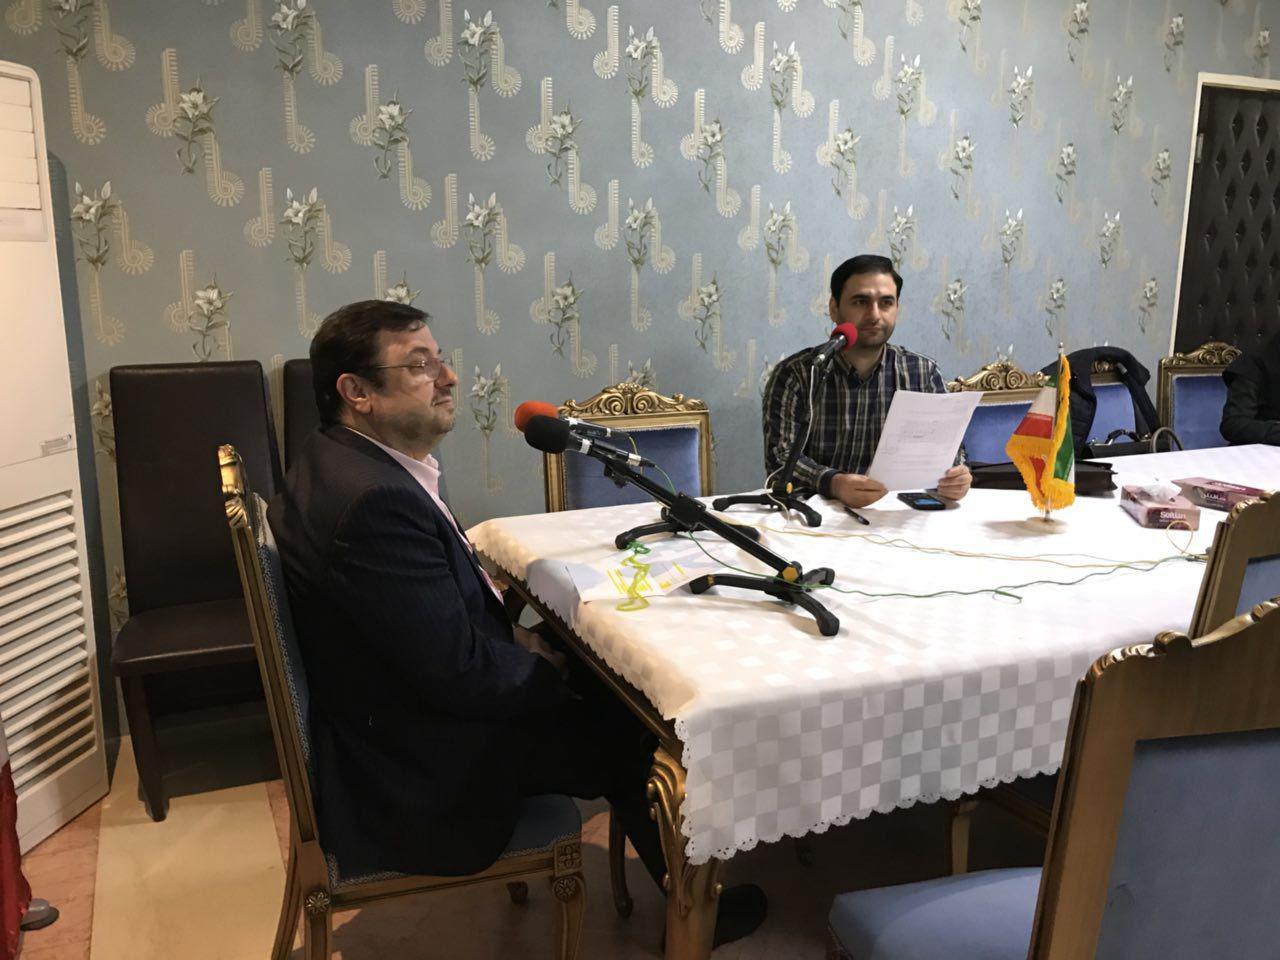 فیروزآبادی: انواع تهمتها به پیامرسان داخلی زده شد/ هر آن ممکن است شرایطی برای انسداد تلگرام پیش بیاید